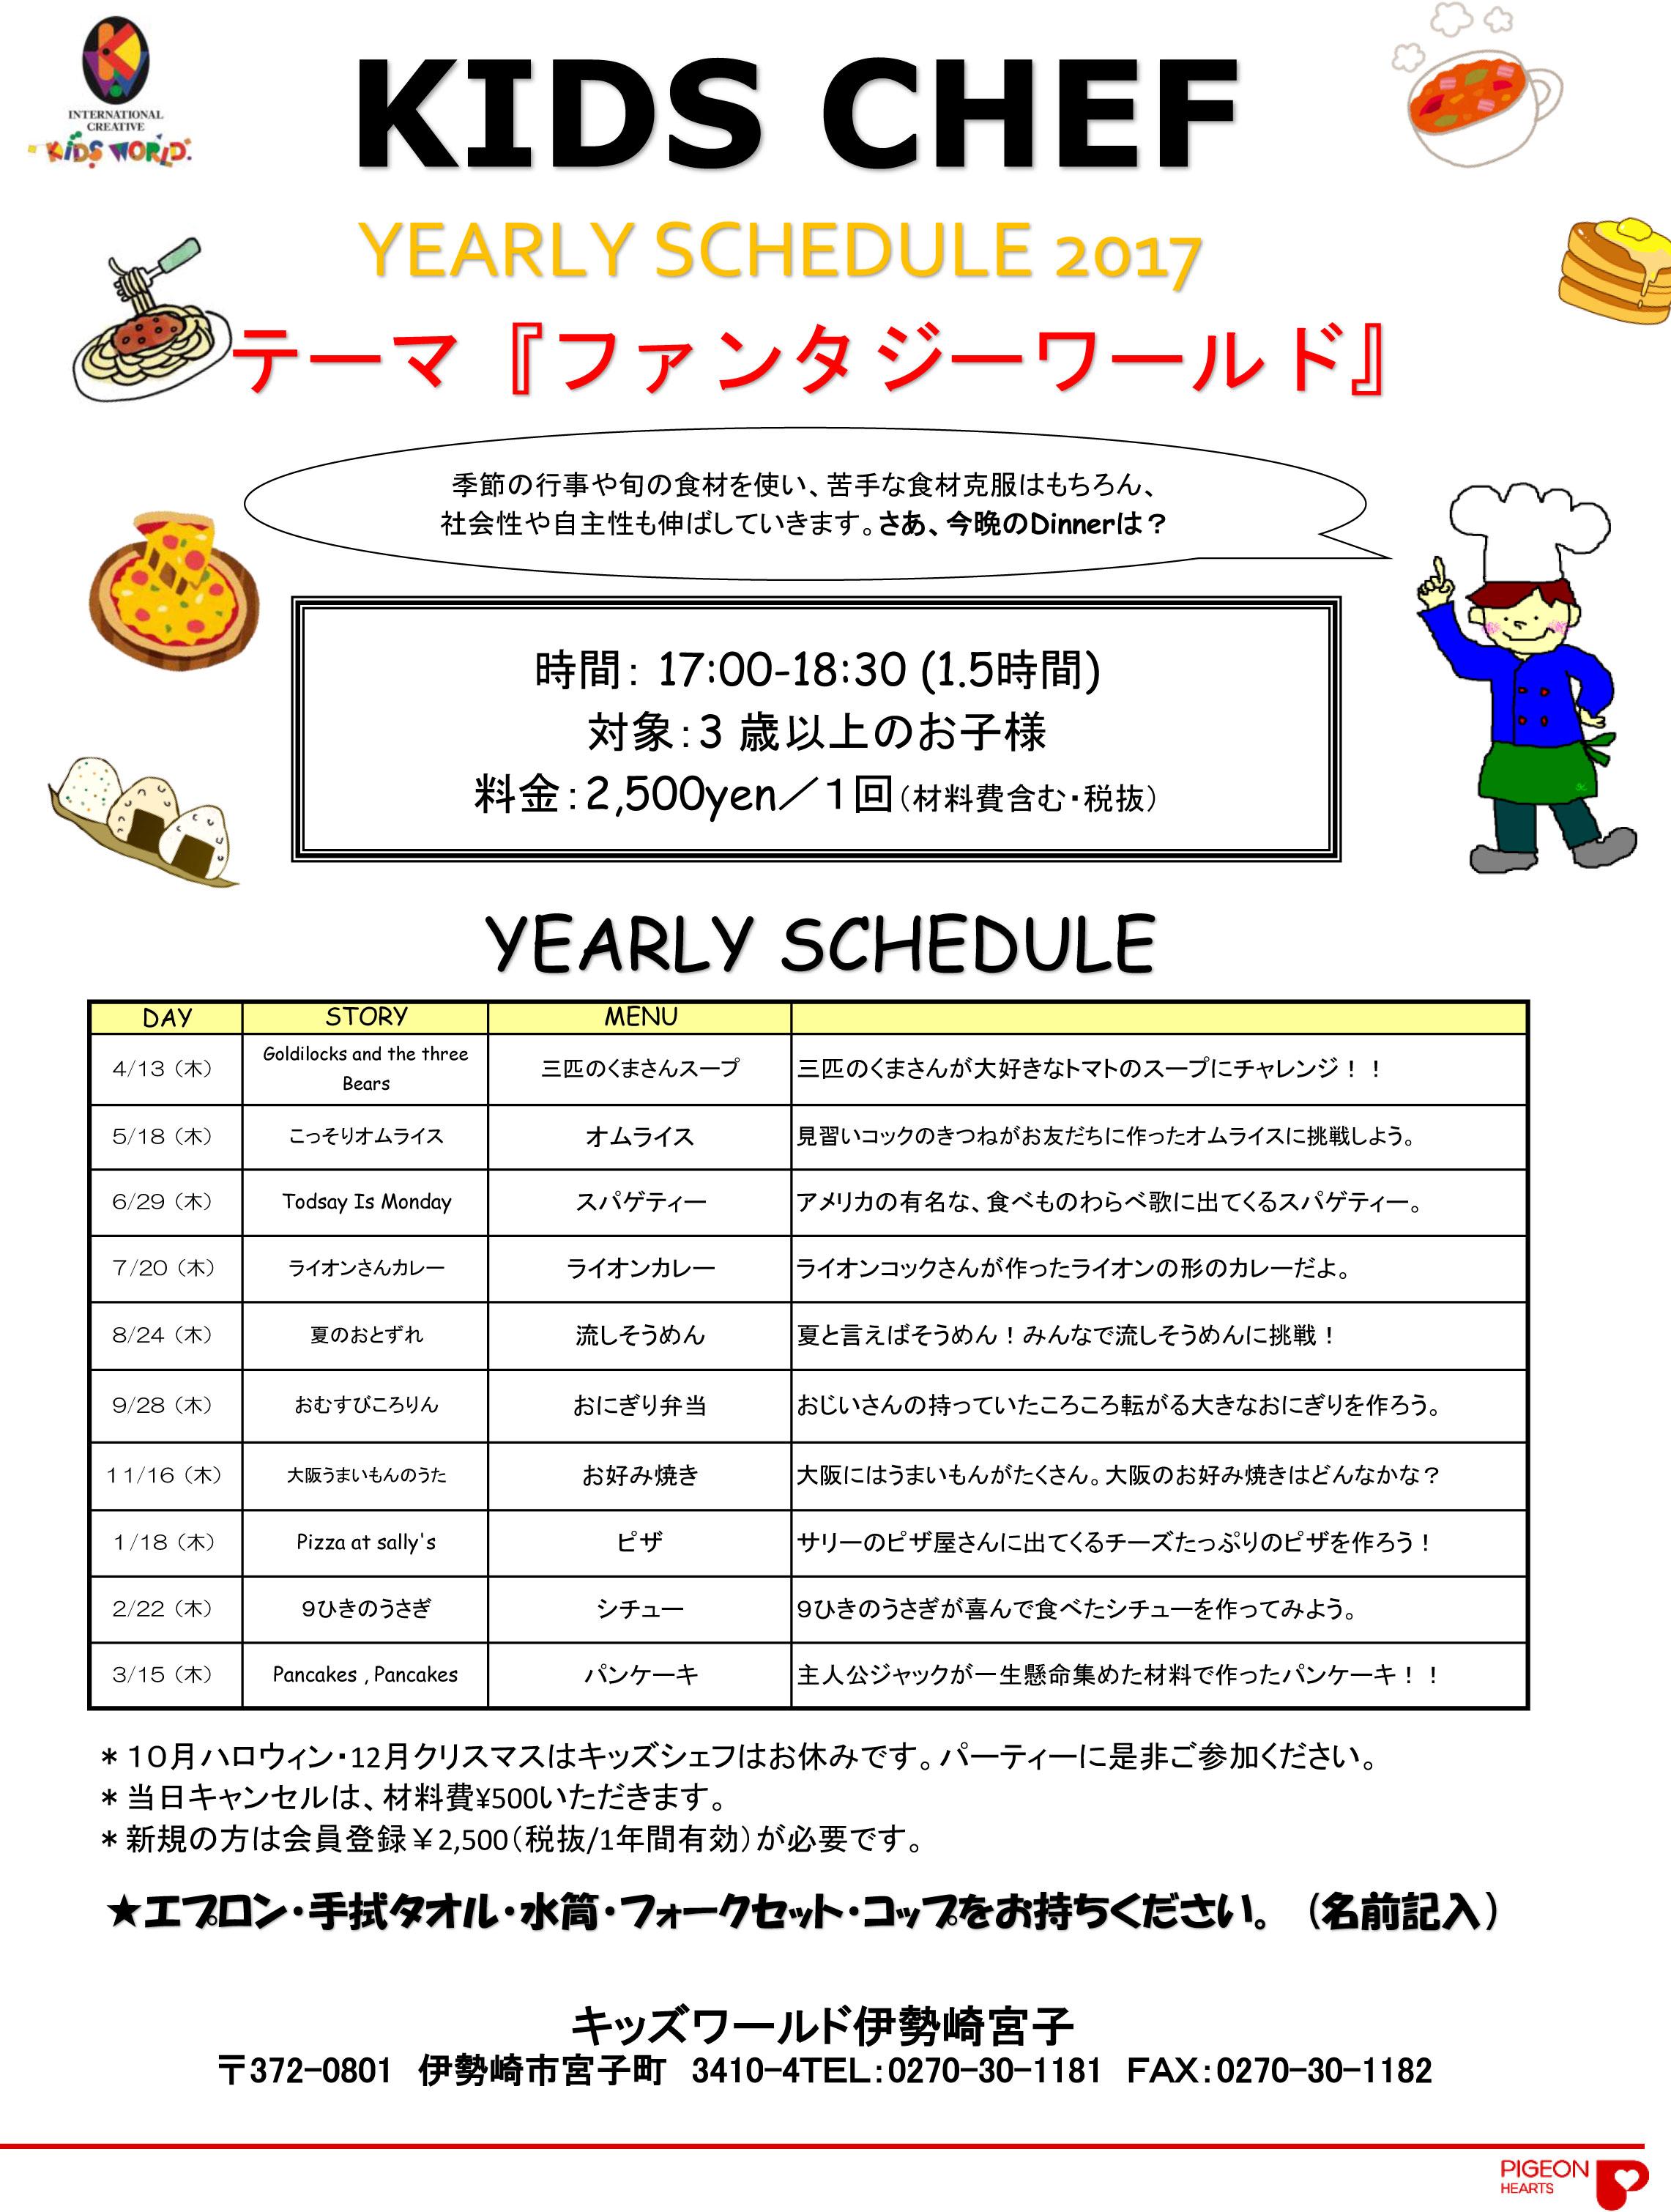 伊勢崎宮子 KIDS CHEF 2017年間チラシ-(1)